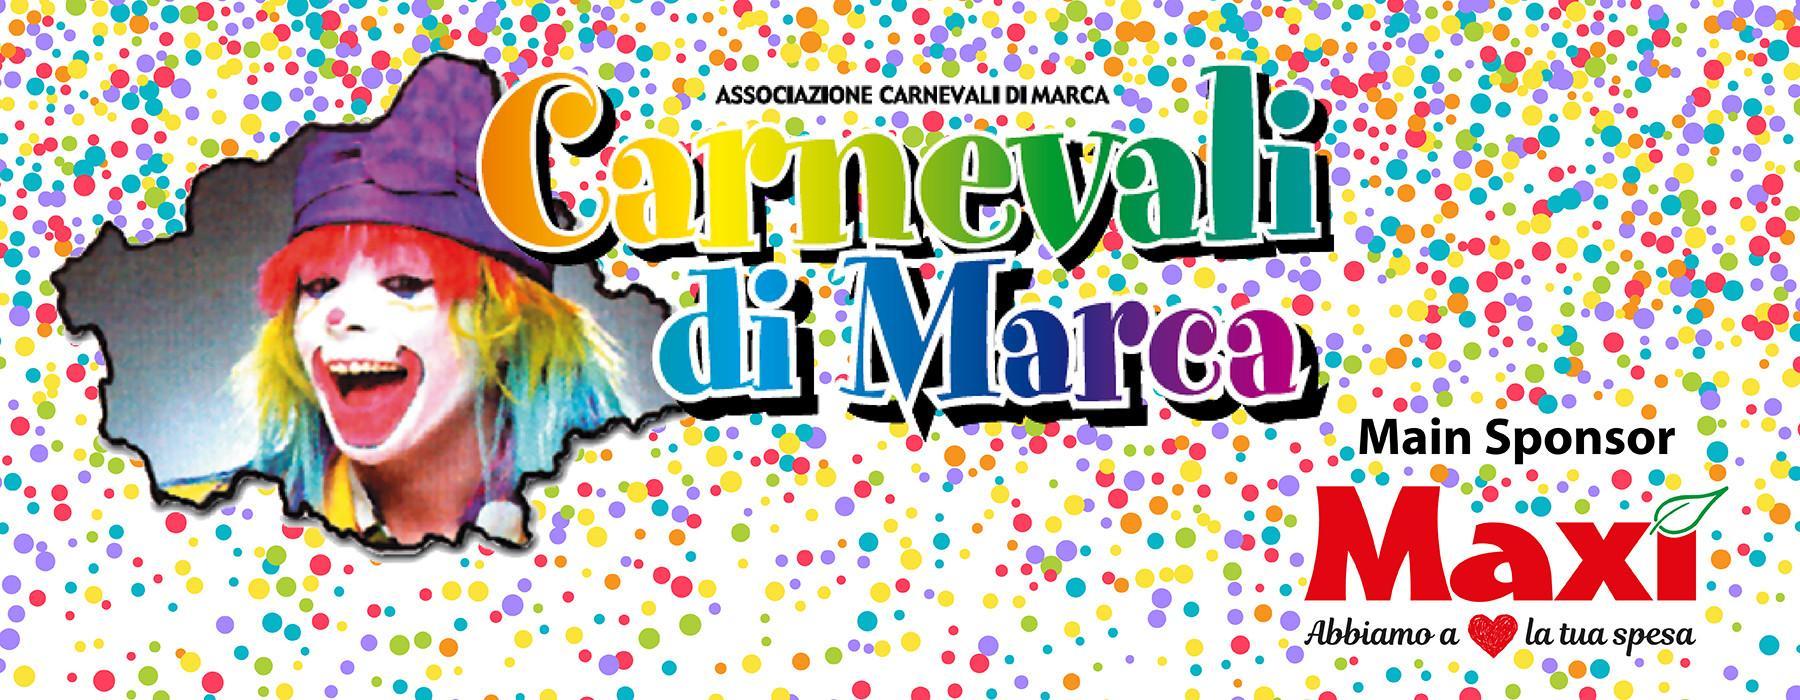 Carnevali di Marca